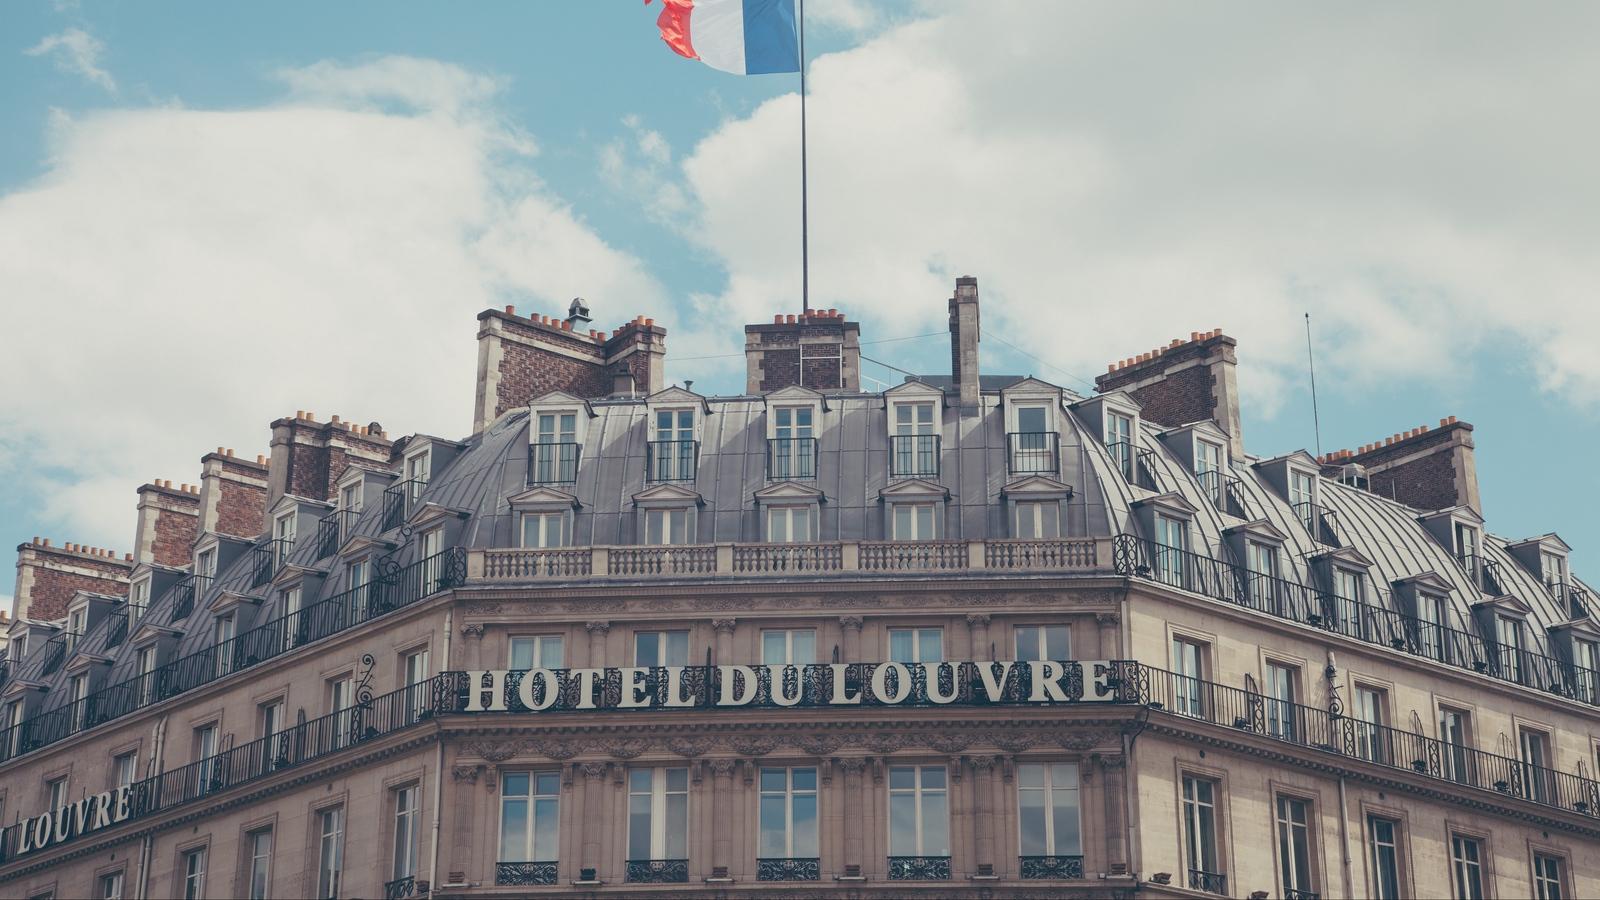 Download wallpaper 1600x900 paris france hotel hotel du louvre 1600x900